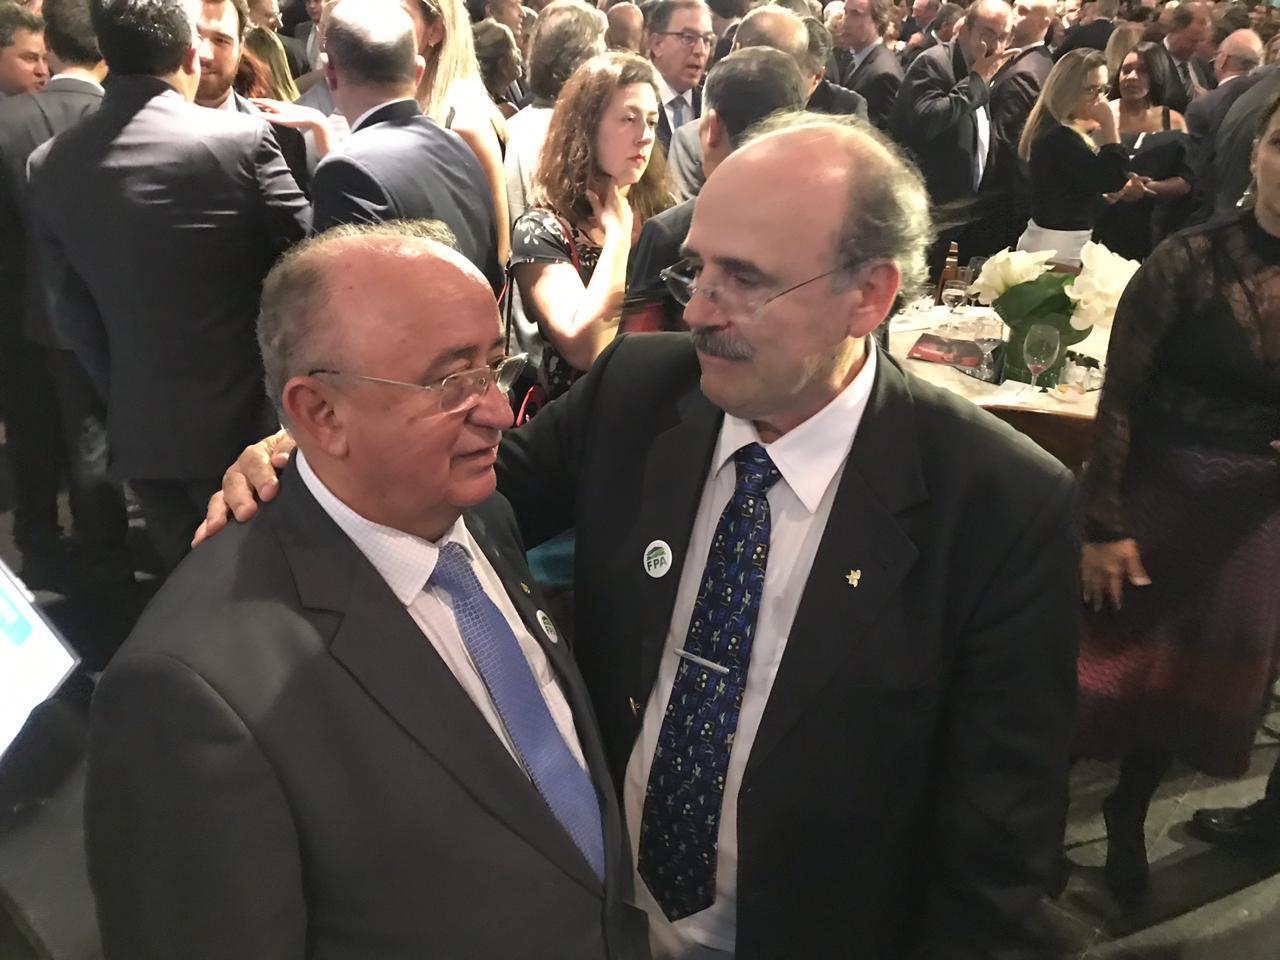 Presidente da FAEPI, Júlio César e o presidente institucional da ABRAMILHO, Sérgio Bortolozzo